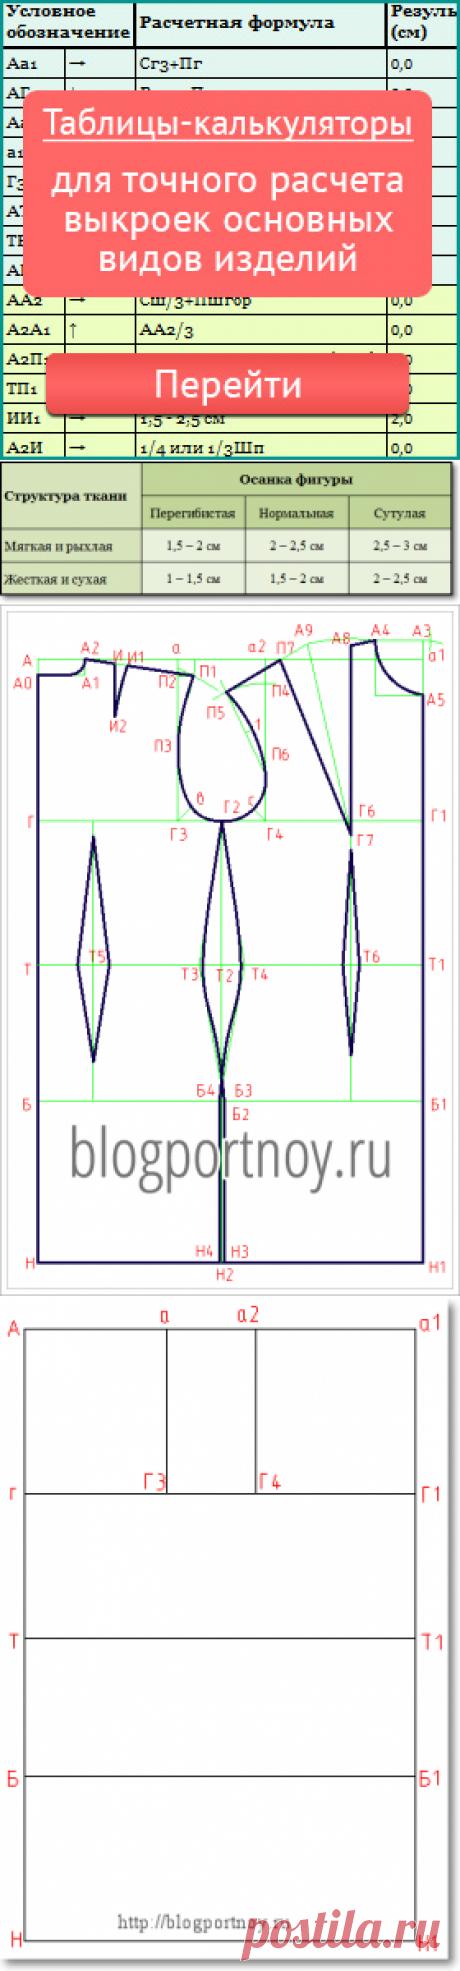 La construcción del patrón de la base del producto humeral